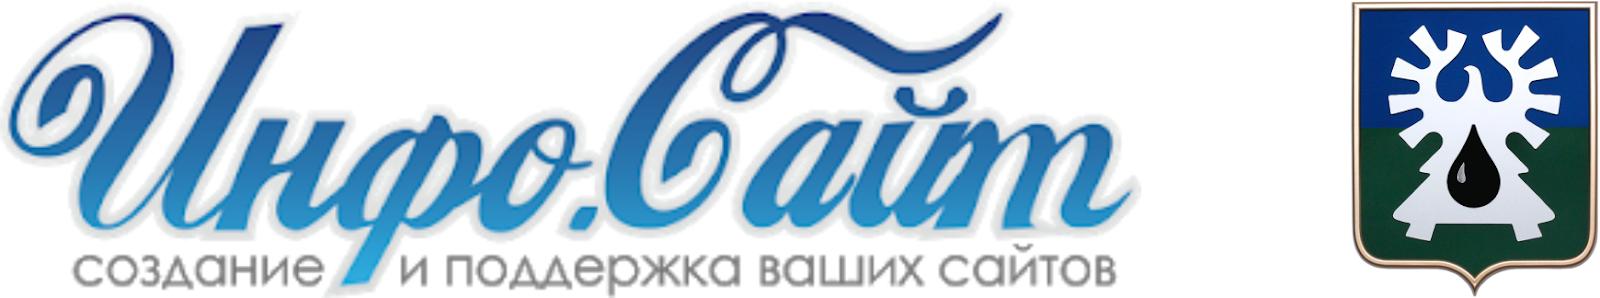 Урай 🌍 Новости : Информационный агрегатор Инфо-Сайт